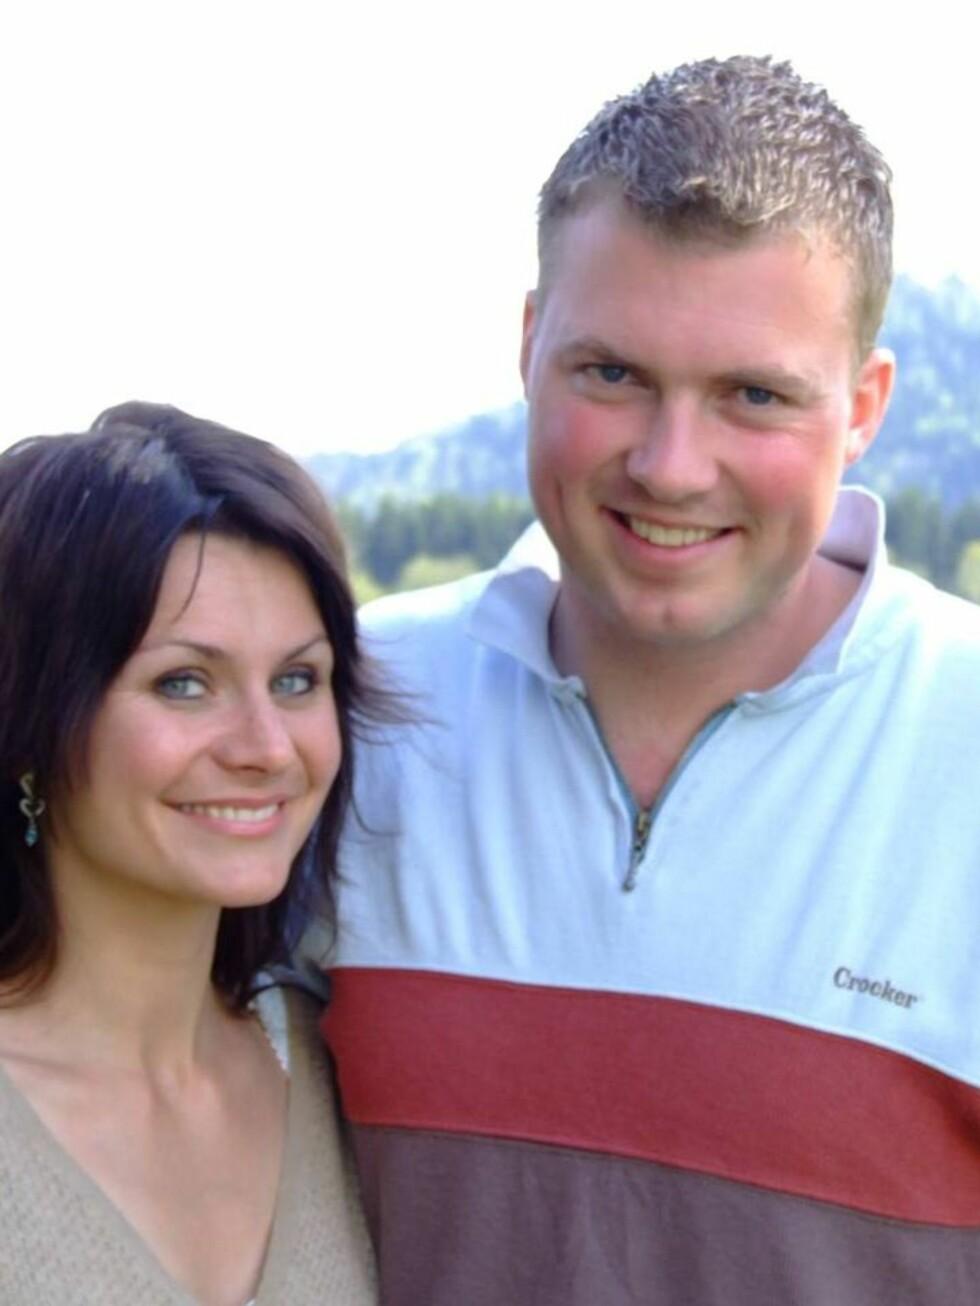 JAKTER PÅ KJÆRLIGHETEN: Med Kathrine Moholt som Kirsten Giftekniv skal bonden Tore Jardar Johannessen finne kvinnen i sitt liv. Foto: TV 2